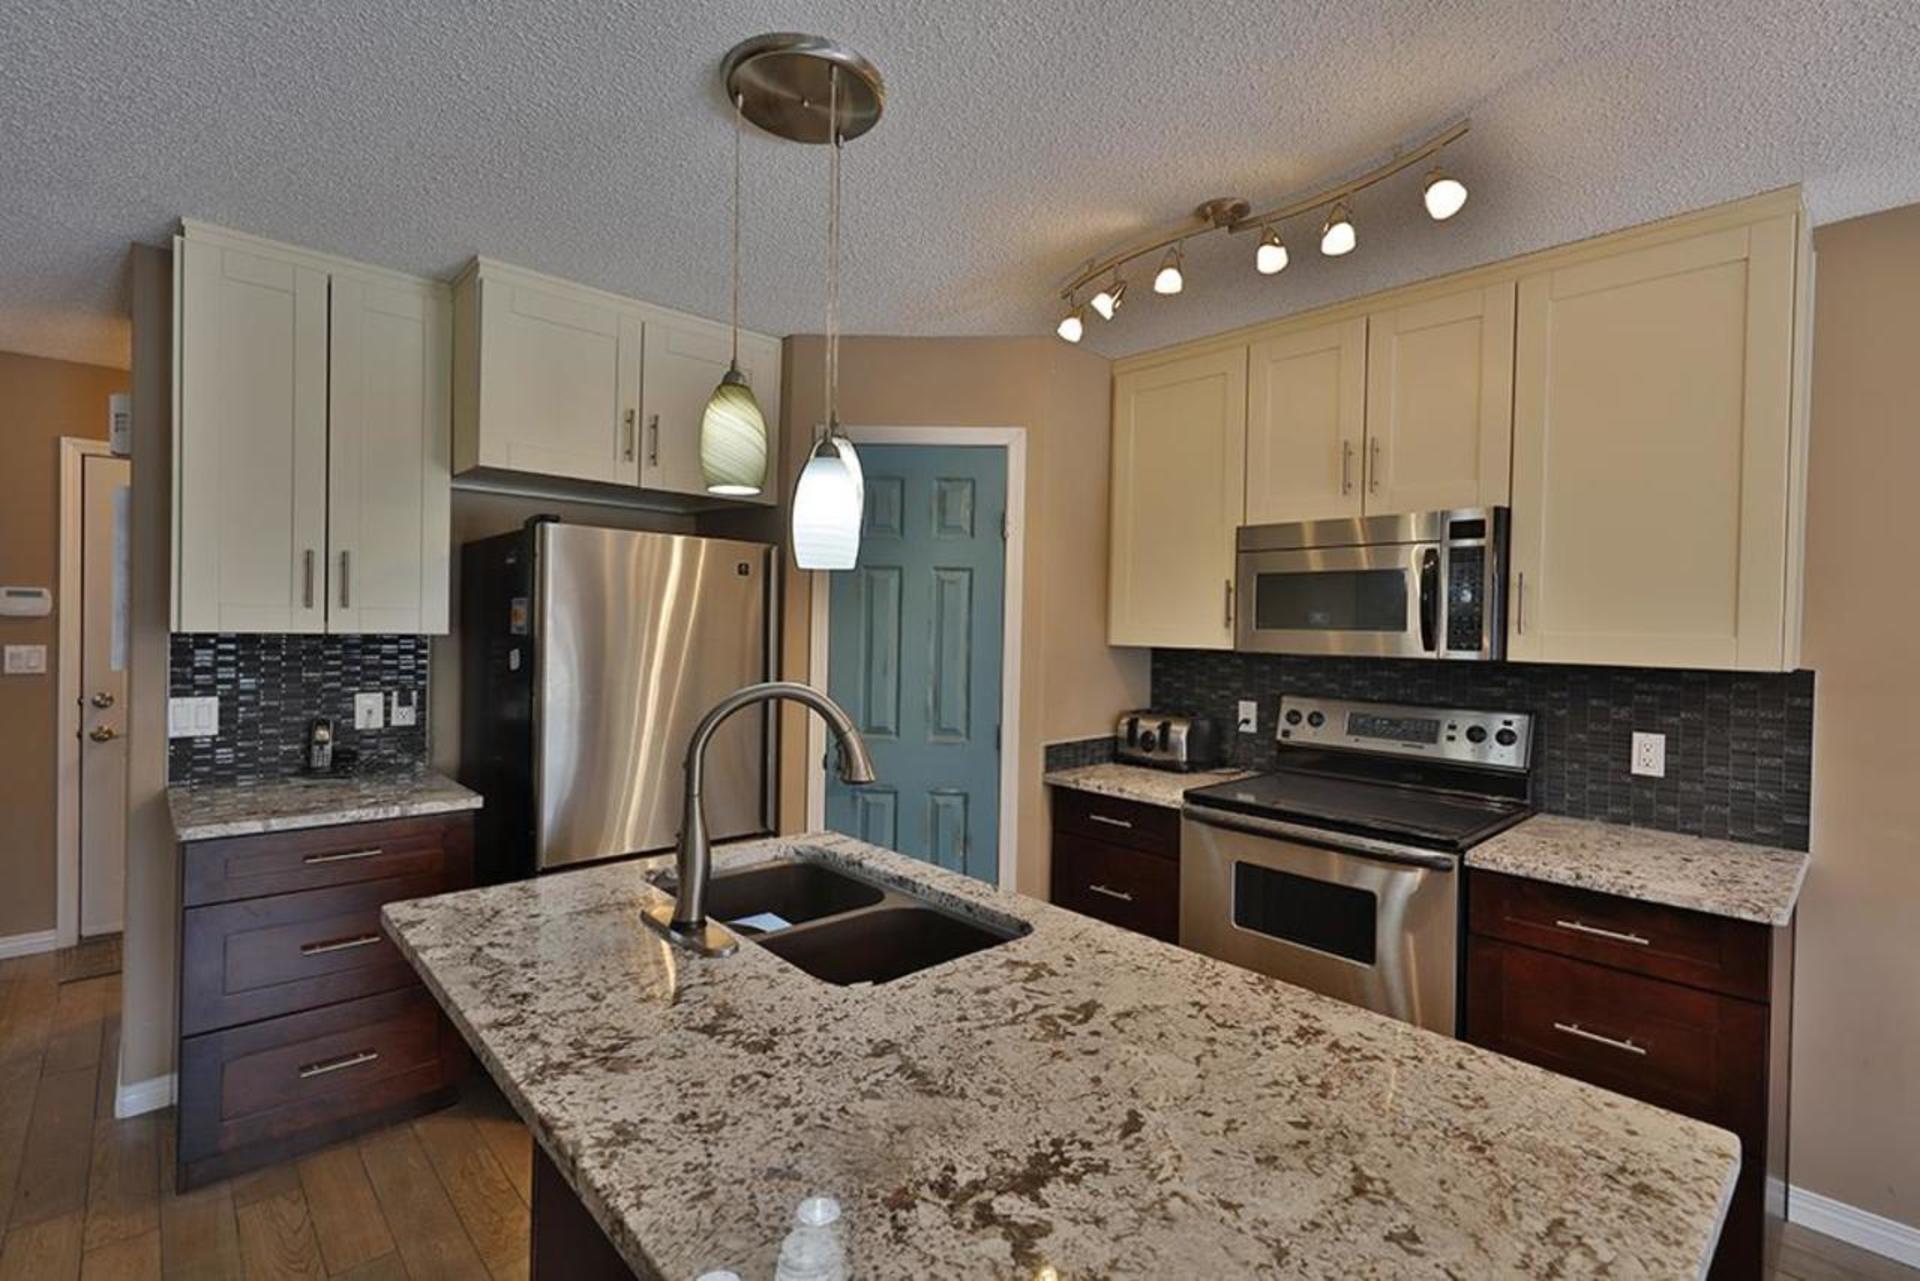 17316-119-street-canossa-edmonton-04 at 17316 119 Street, Canossa, Edmonton